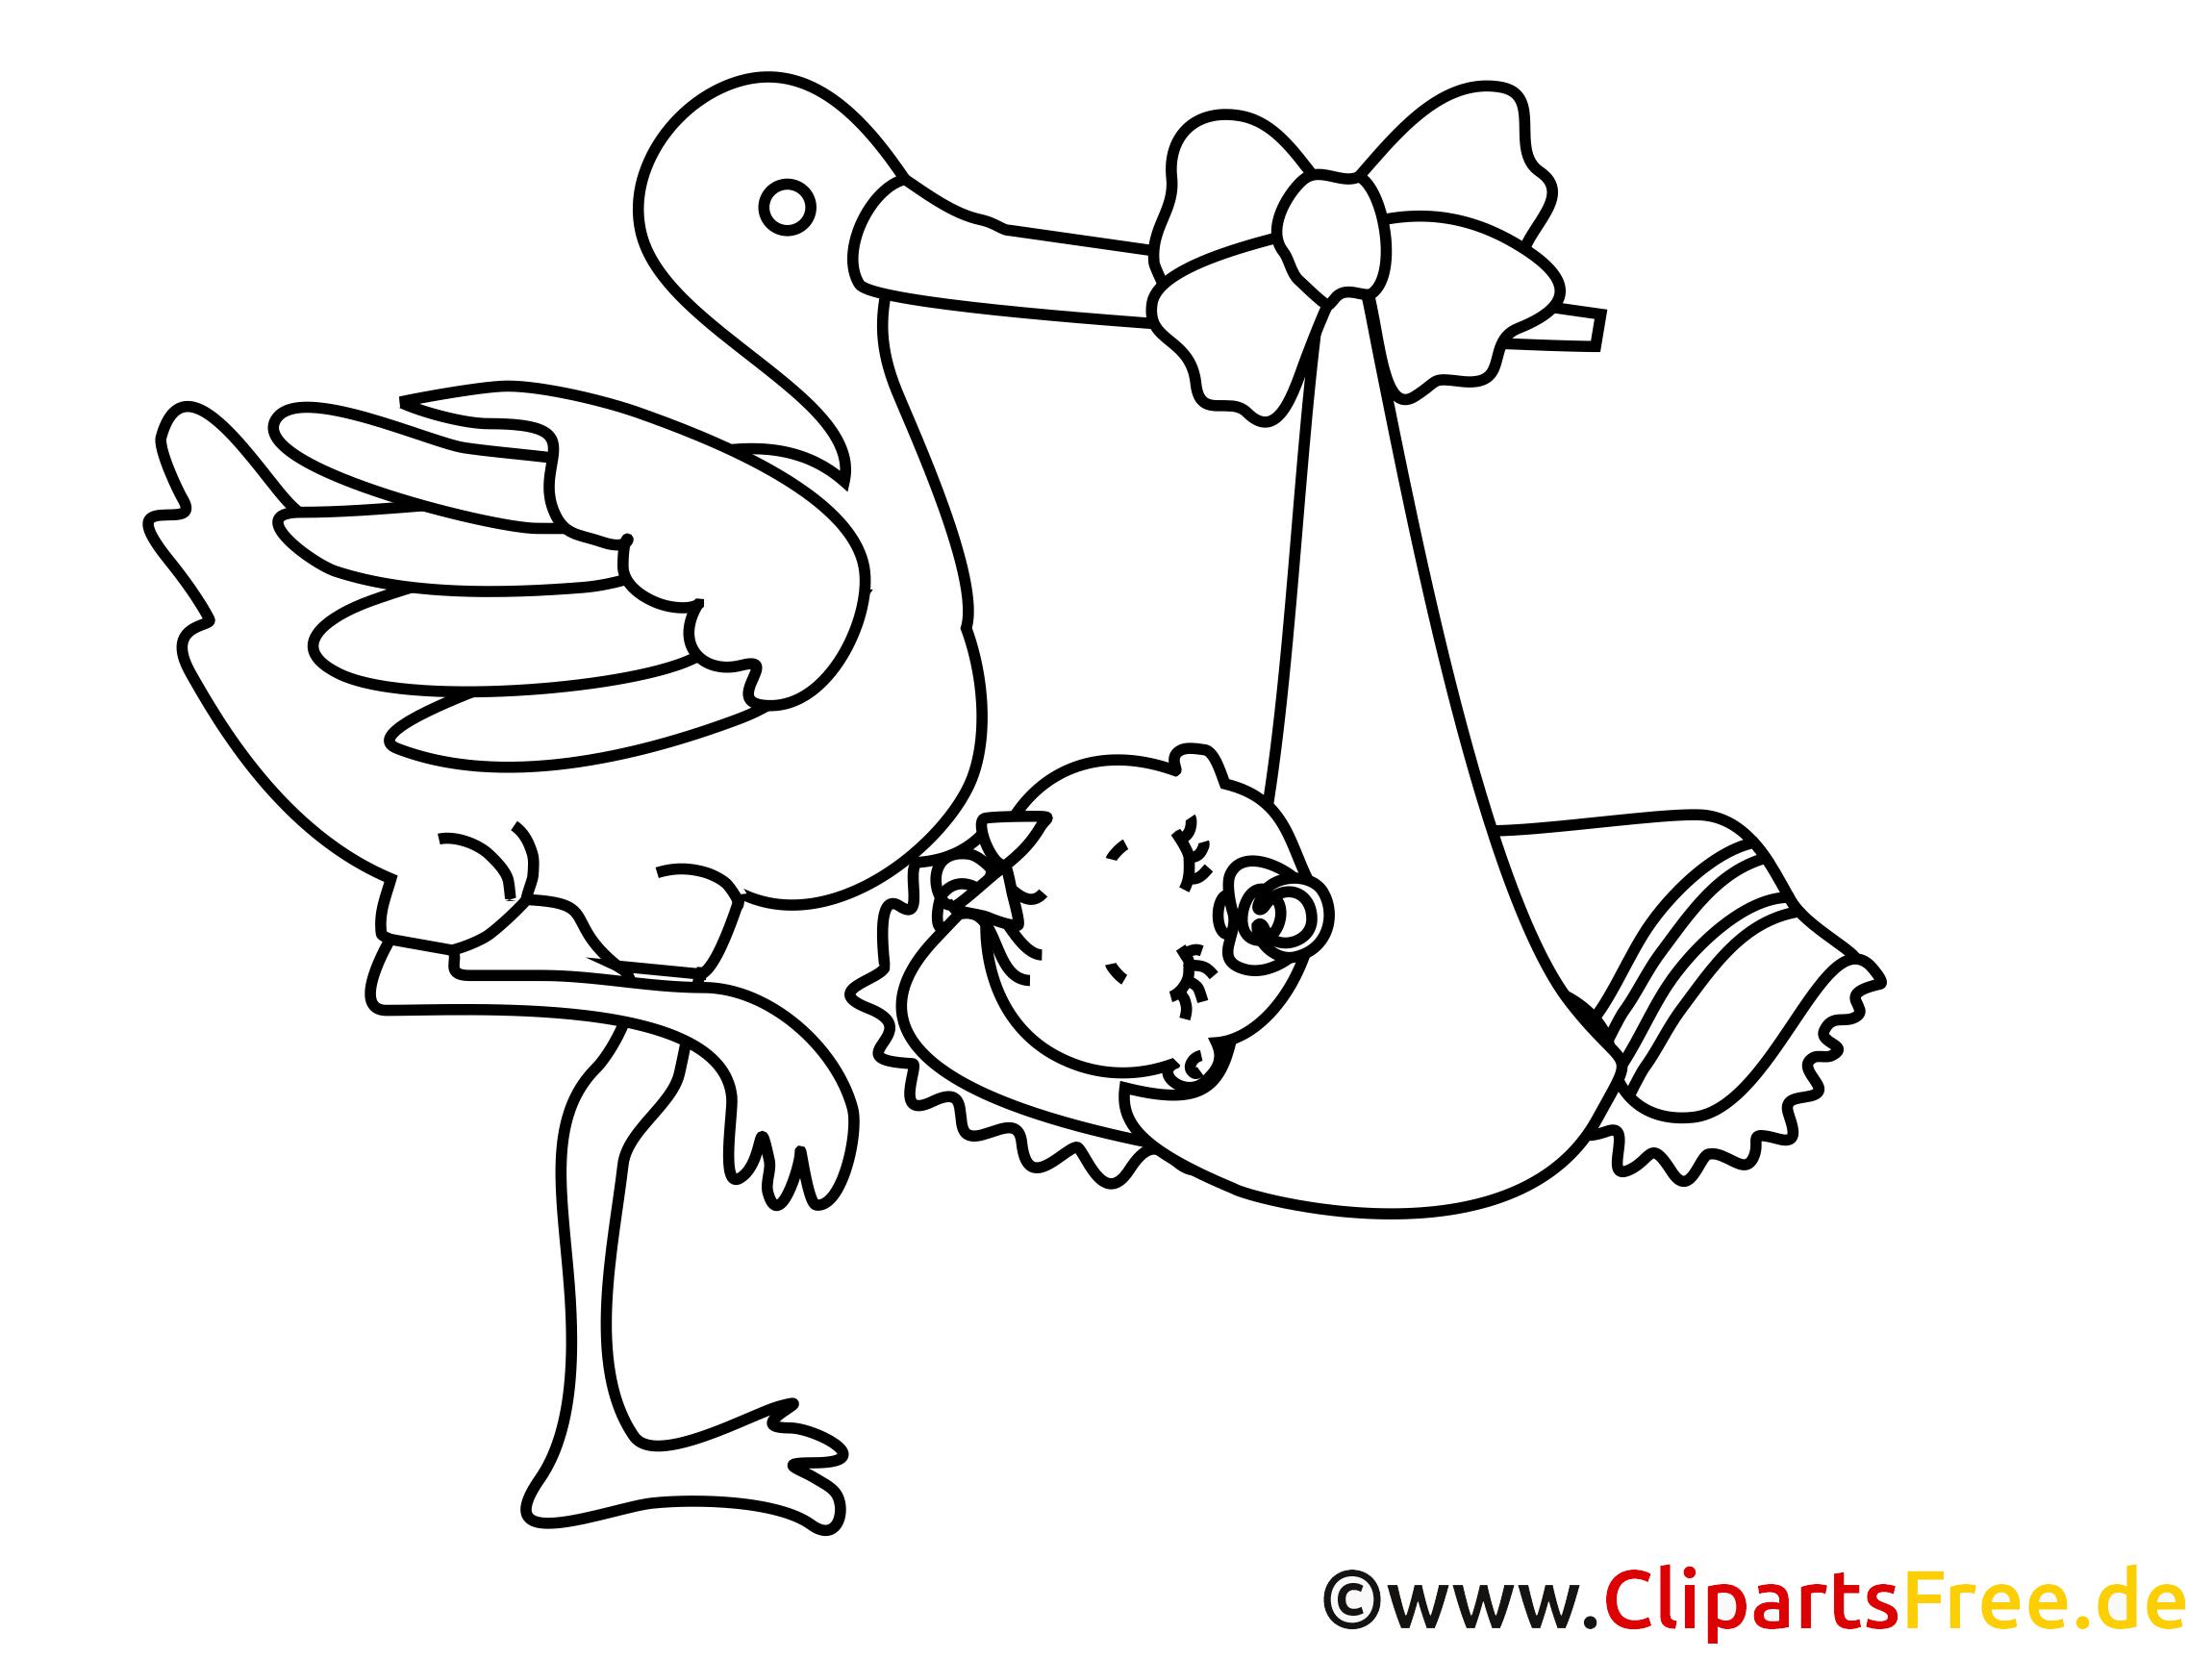 Storch Malvorlagen | Coloring And Malvorlagan über Storch Zum Ausmalen